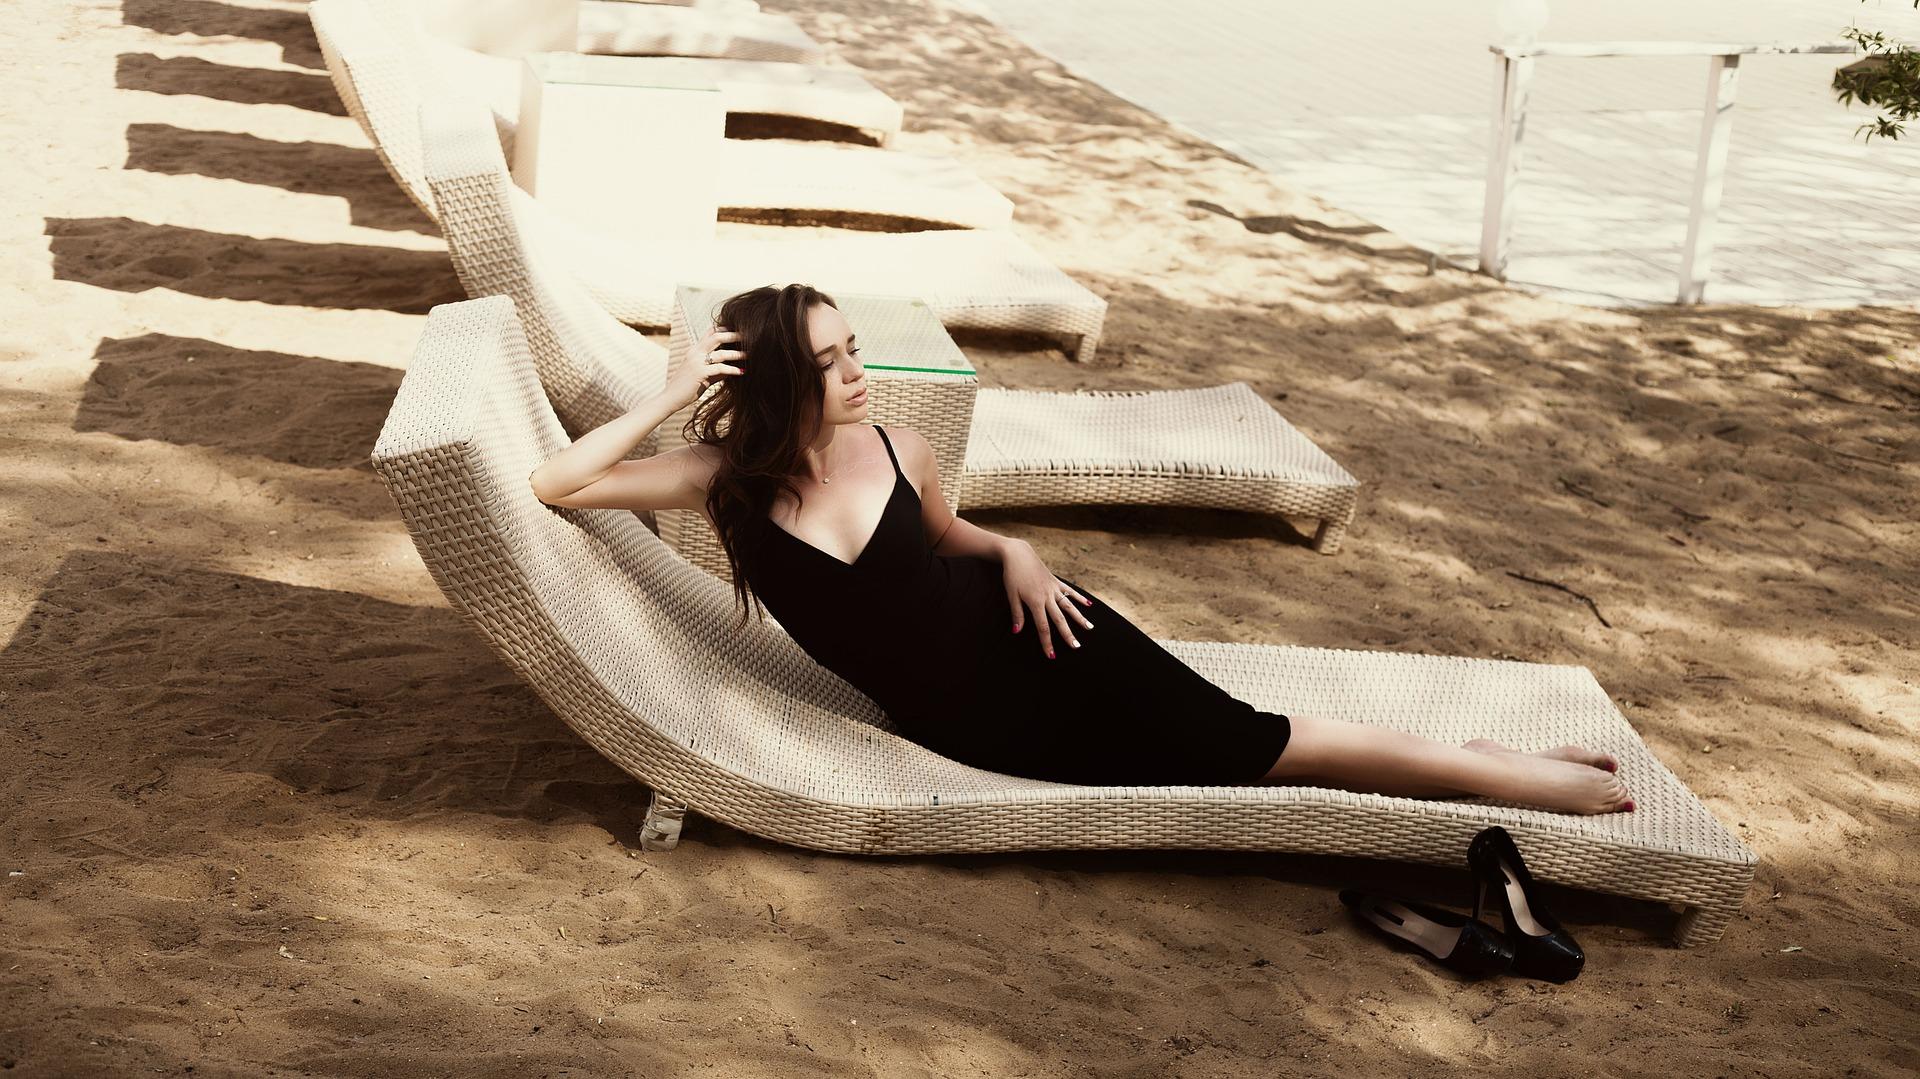 Beautiful Lady, Activity, Beauty, Fashion, Human, HQ Photo